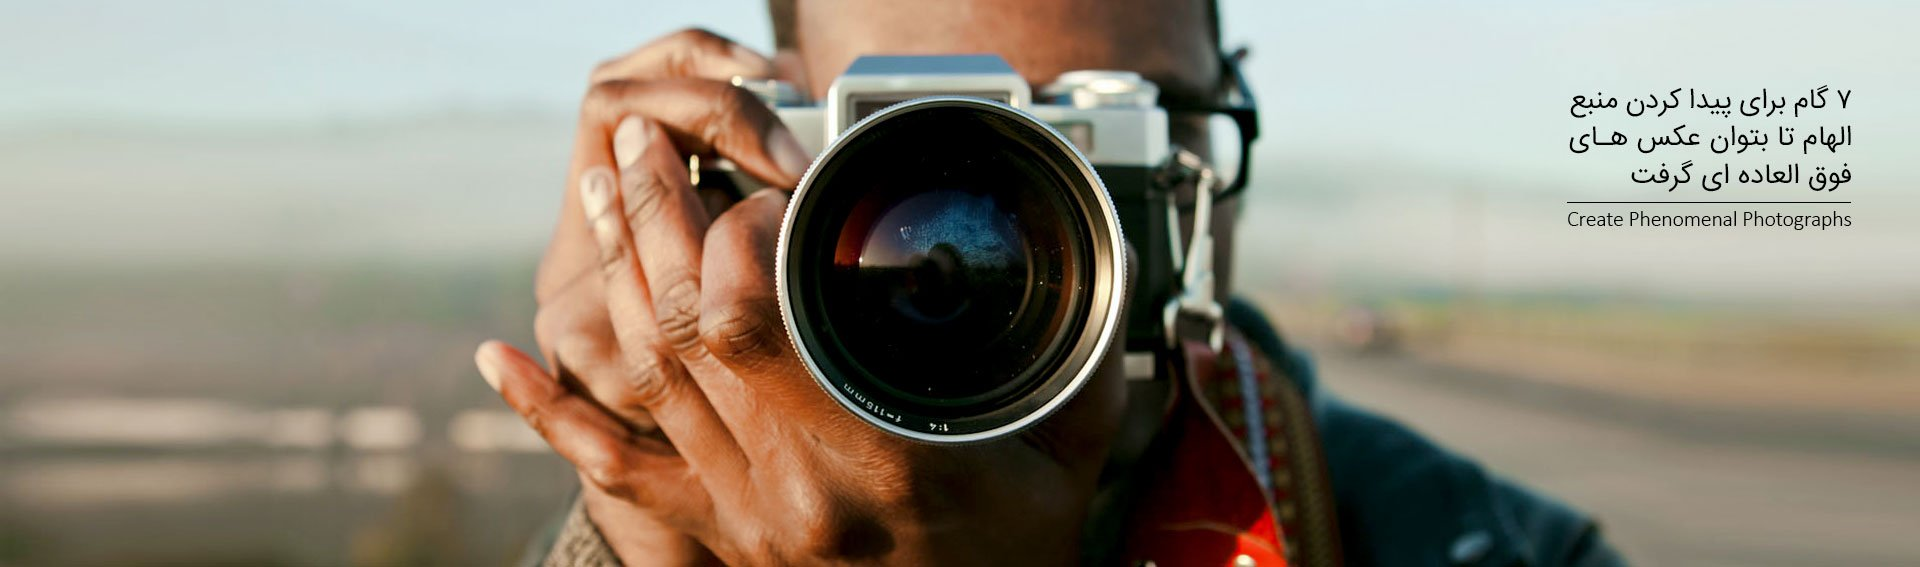 akasi 7 step1 - 7 گام برای پیدا کردن منبع الهام تا بتوان عکس های فوق العاده ای گرفت